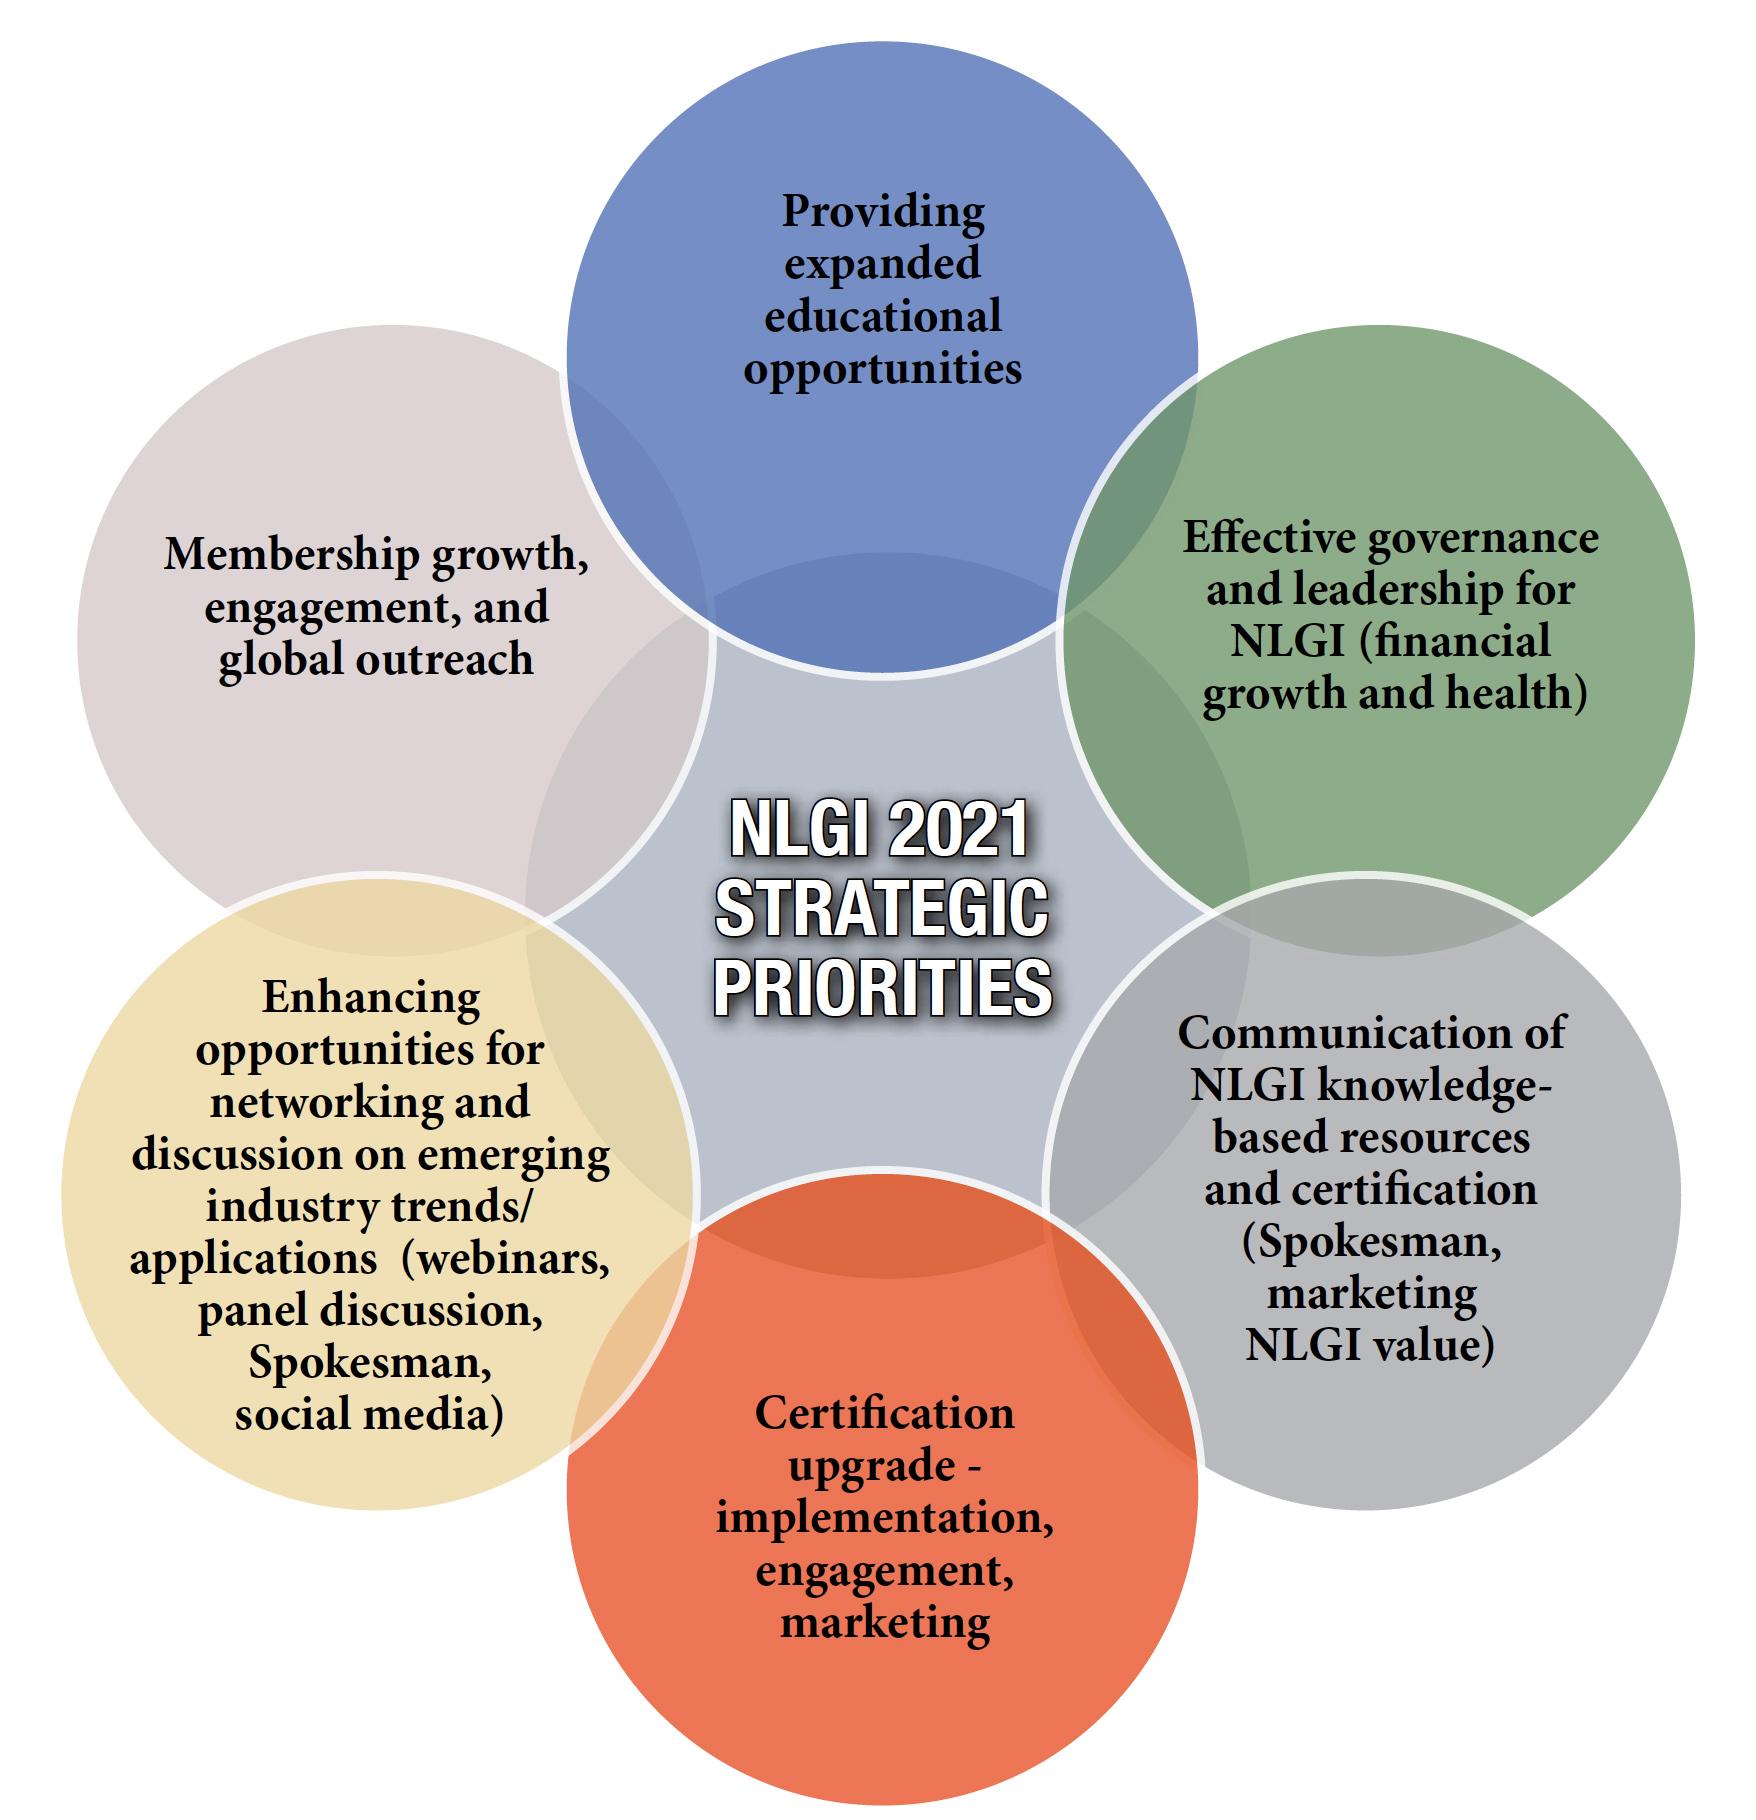 NLGI 2021 Strategic Priorities